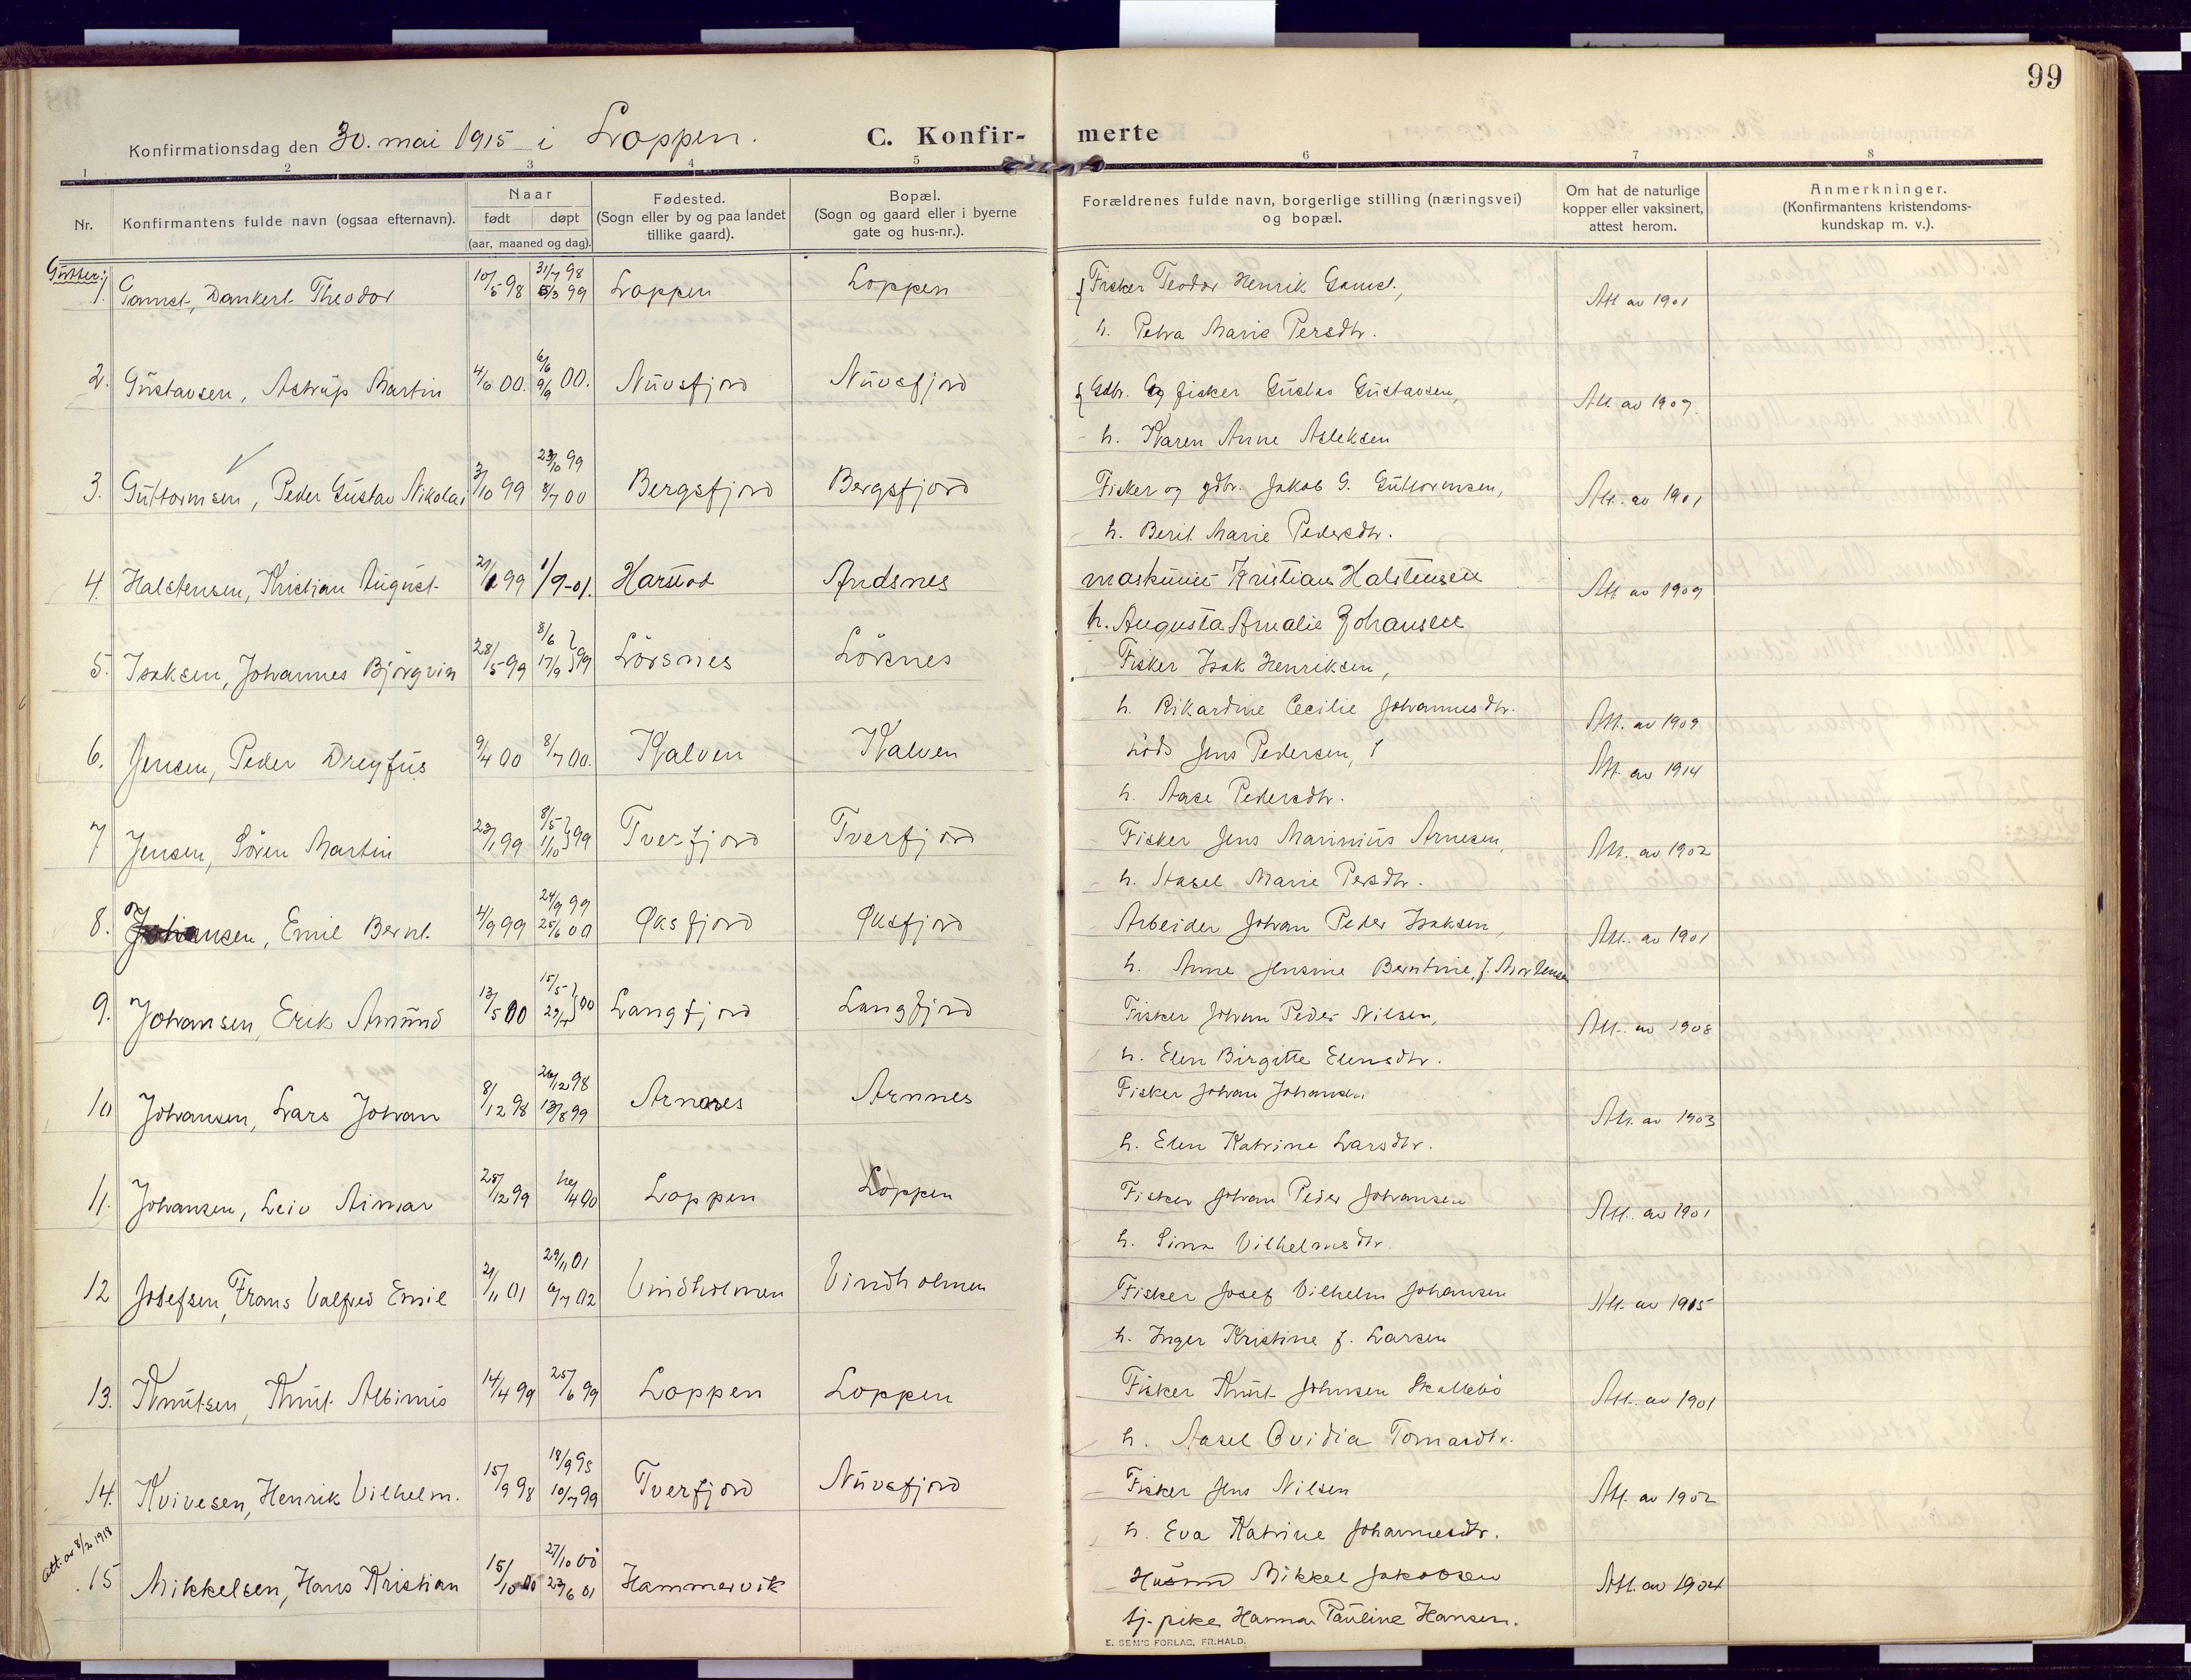 SATØ, Loppa sokneprestkontor, H/Ha/L0011kirke: Ministerialbok nr. 11, 1909-1919, s. 99